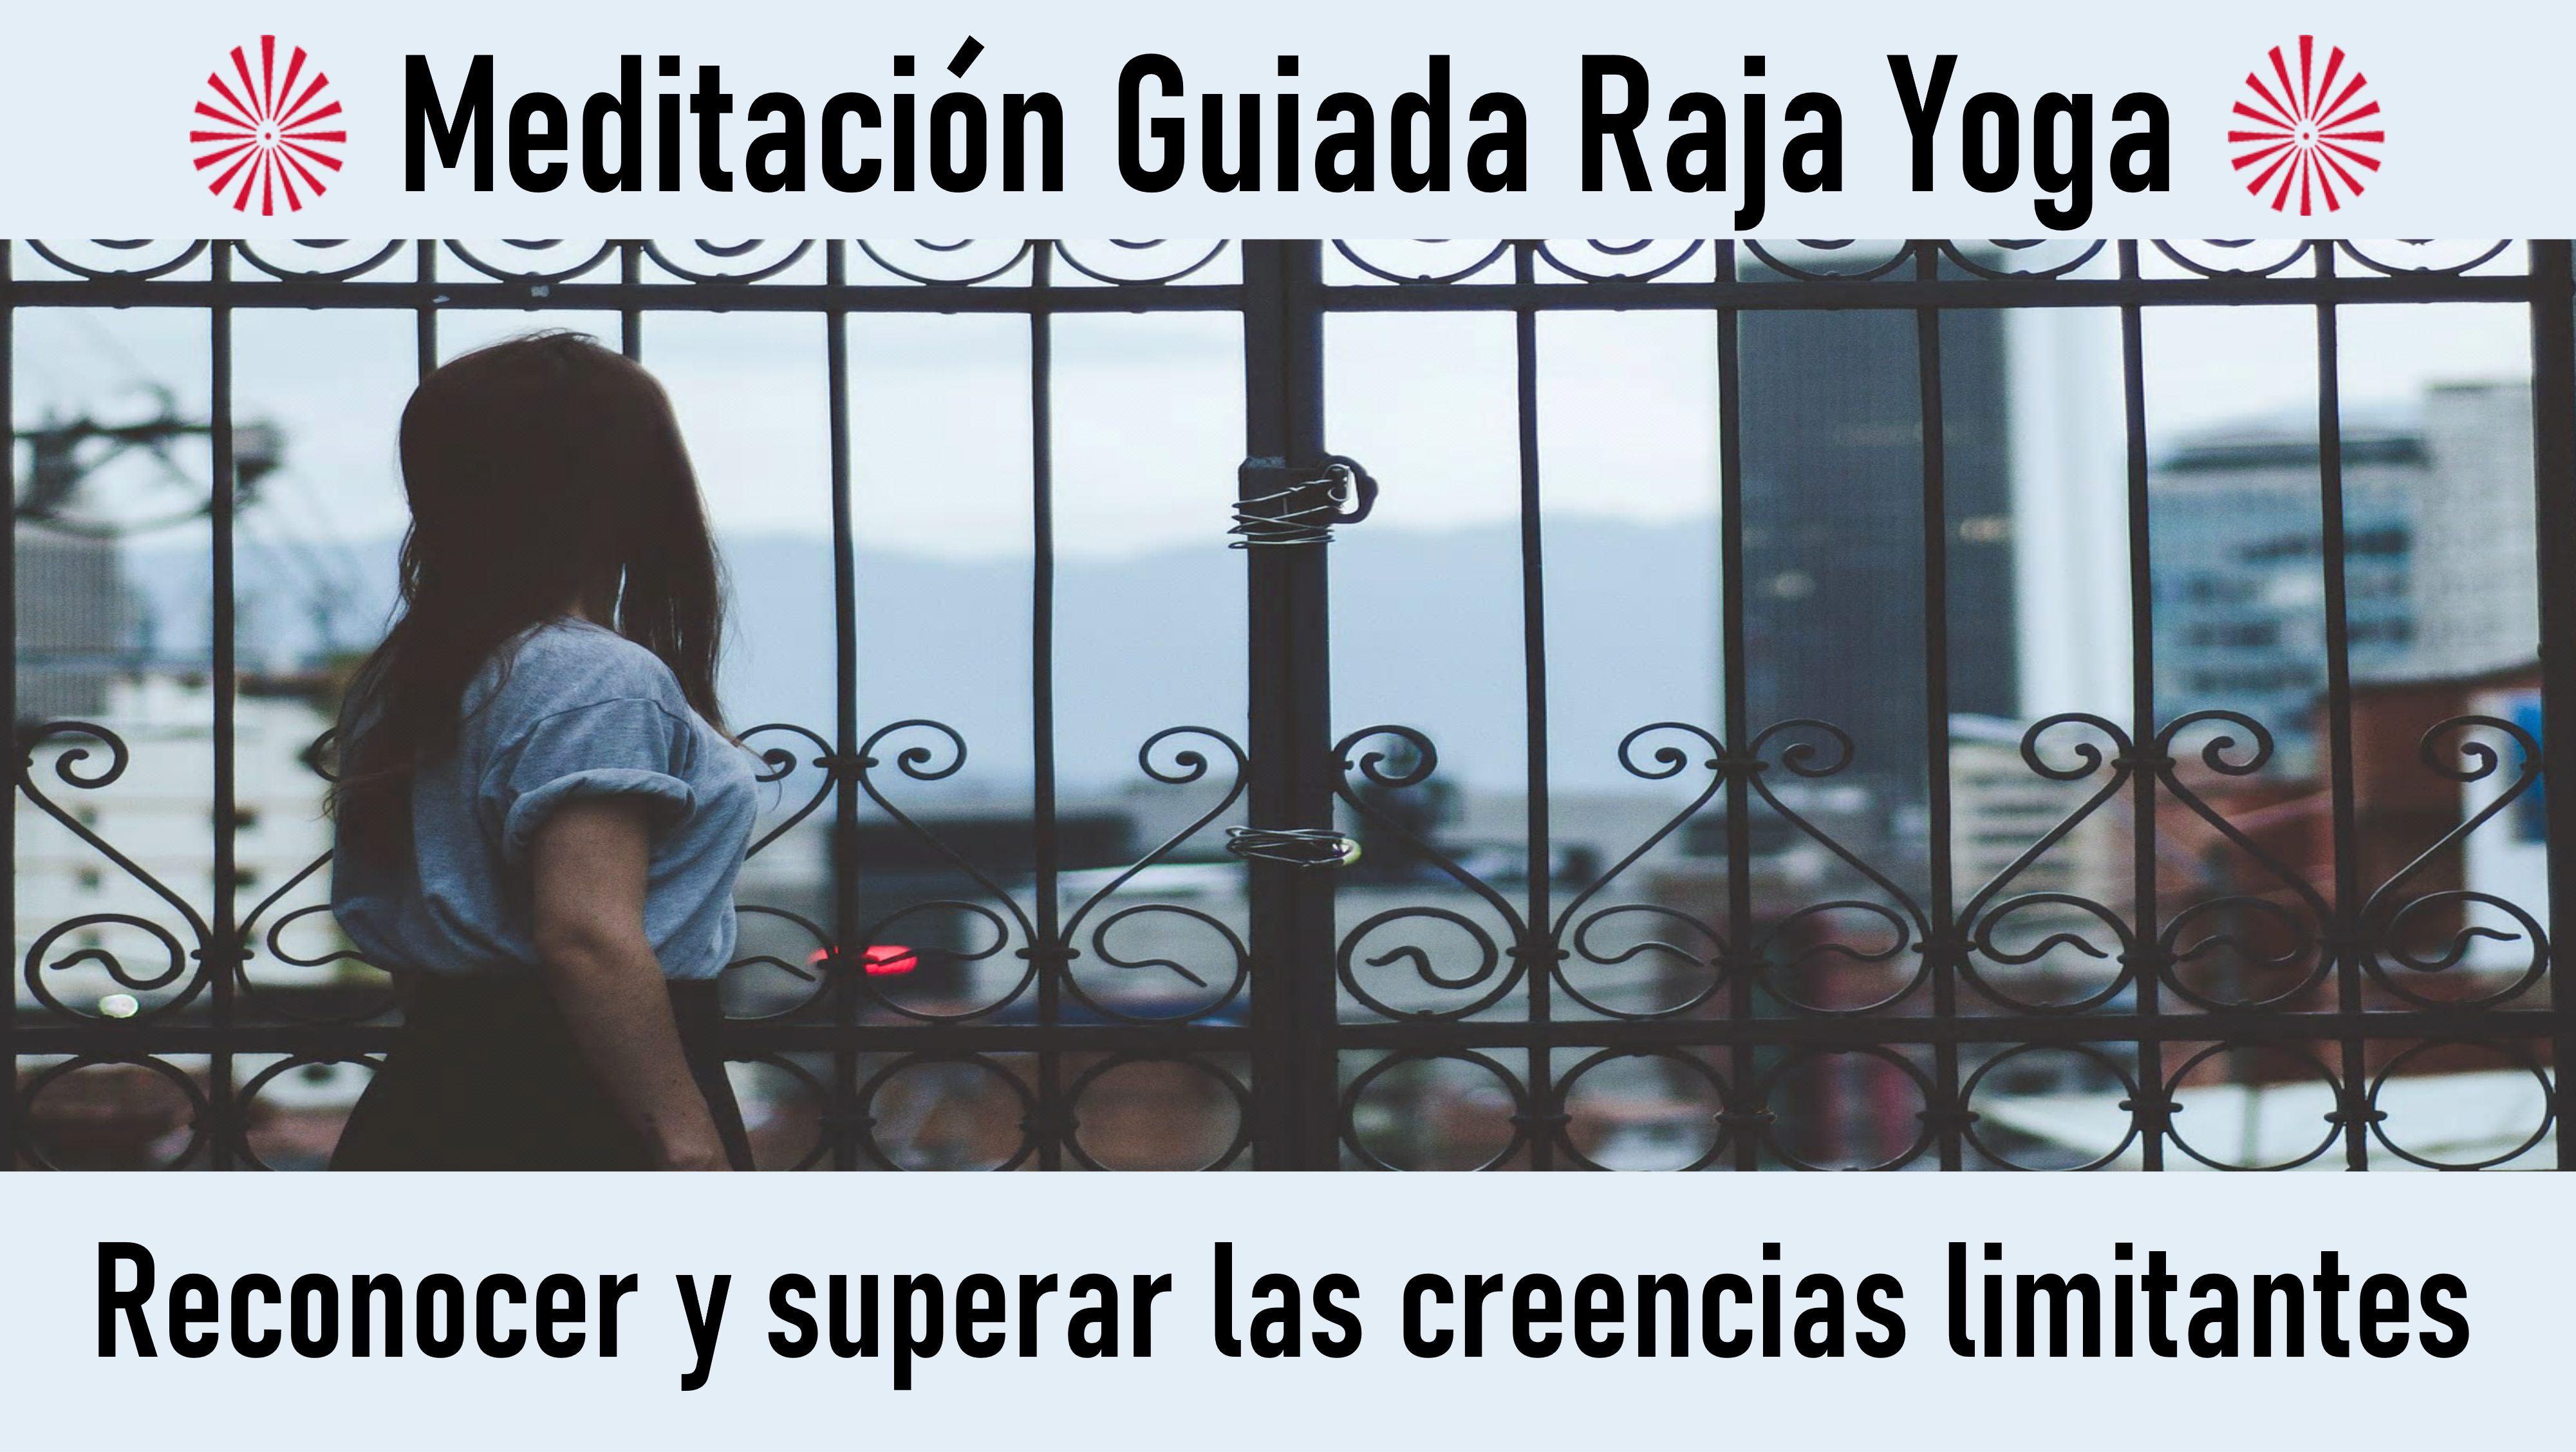 Meditacion Raja Yoga: Reconocer y superar las creencias limitantes (11 Agosto 2020) On-line desde Mallorca